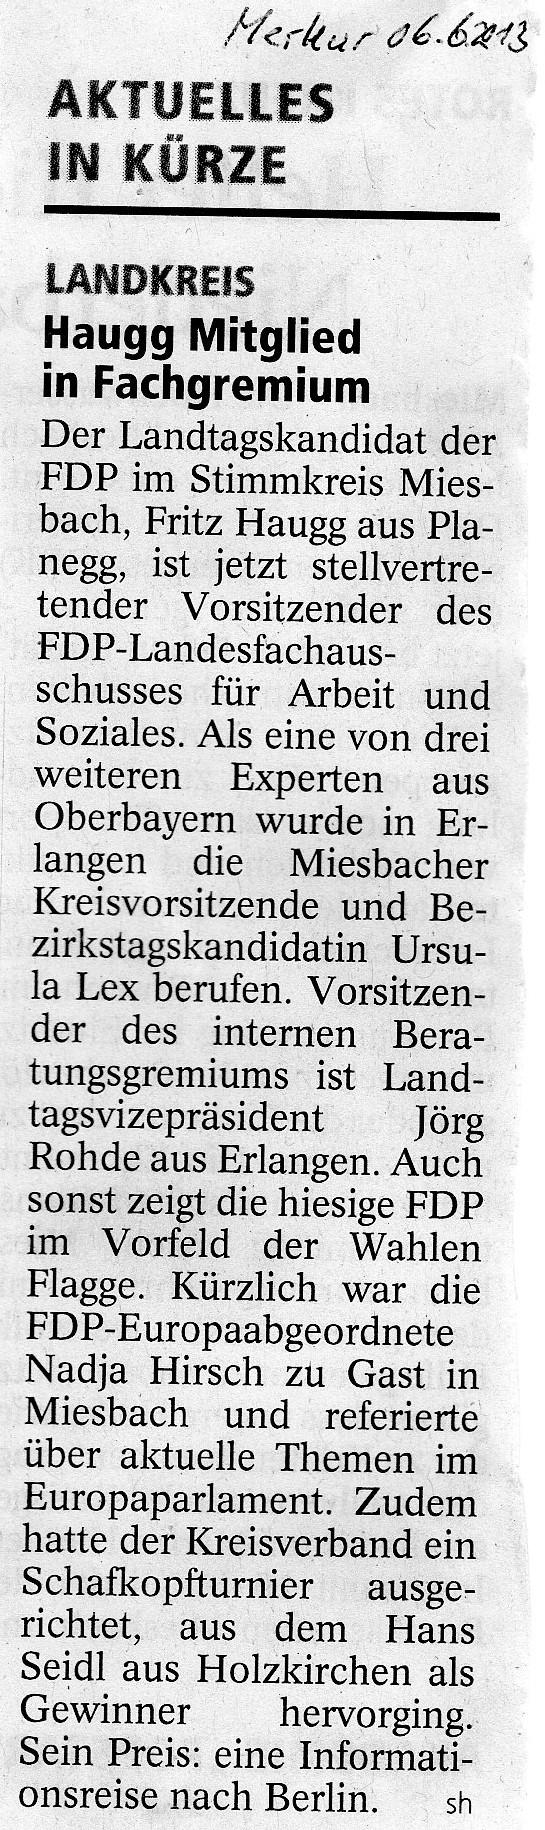 06. Juni 2013: Haugg Mitglied im Fachgremium (.jpg)